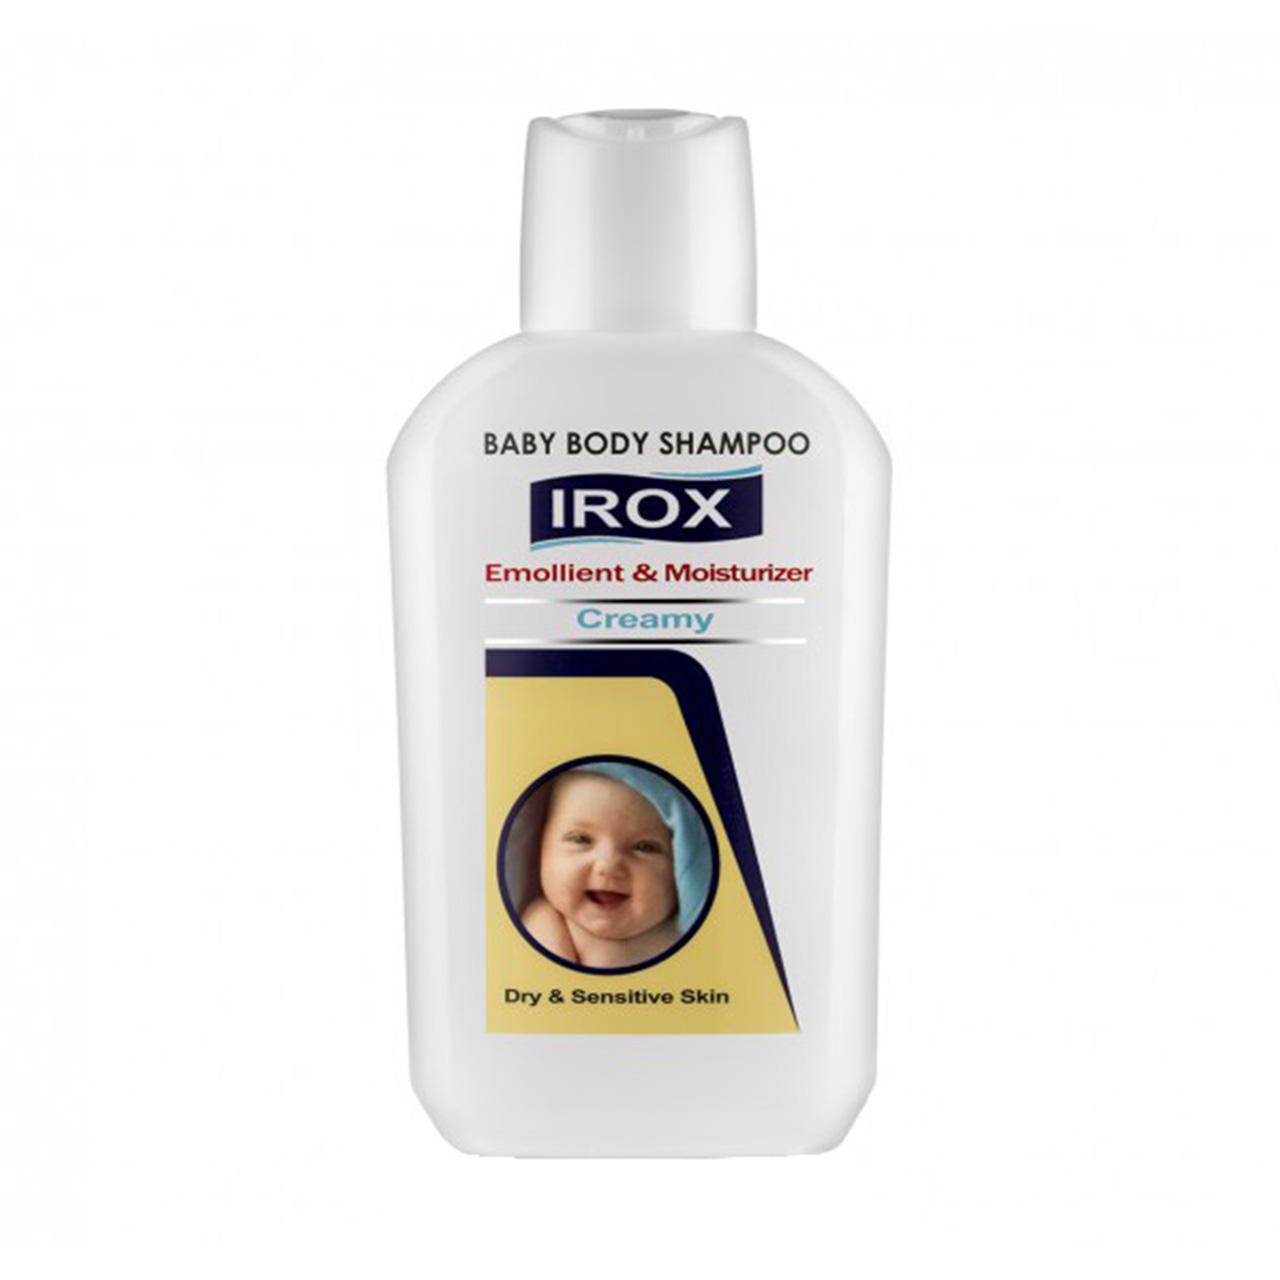 خرید                     شامپو بدن کودک ایروکس مدل 0501003 حجم 200 میلی لیتر